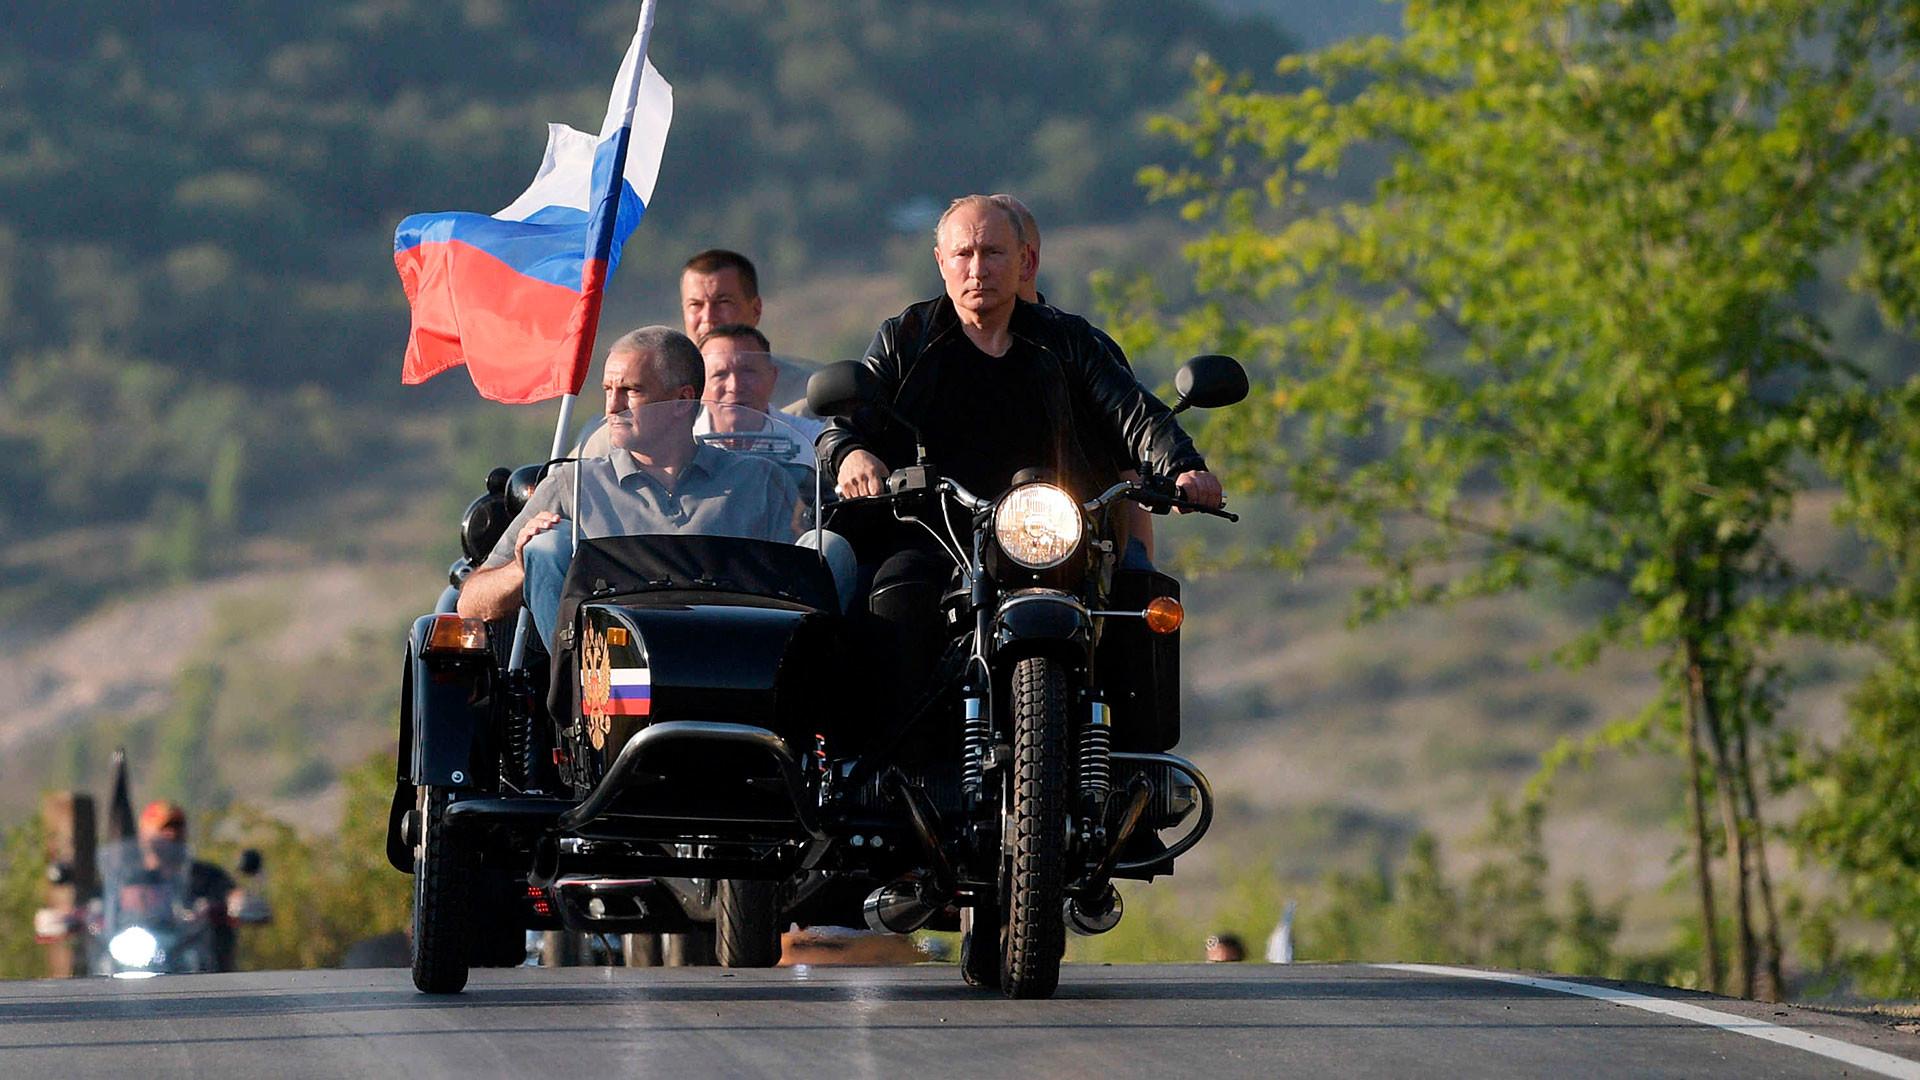 """Predsjednik Rusije Vladimir Putin na međunarodnom bike-showu """"Sjena Babilona"""" u organizaciji motokluba """"Noćni vukovi"""" u Sevastopolju, za volanom motocikla """"Ural""""."""